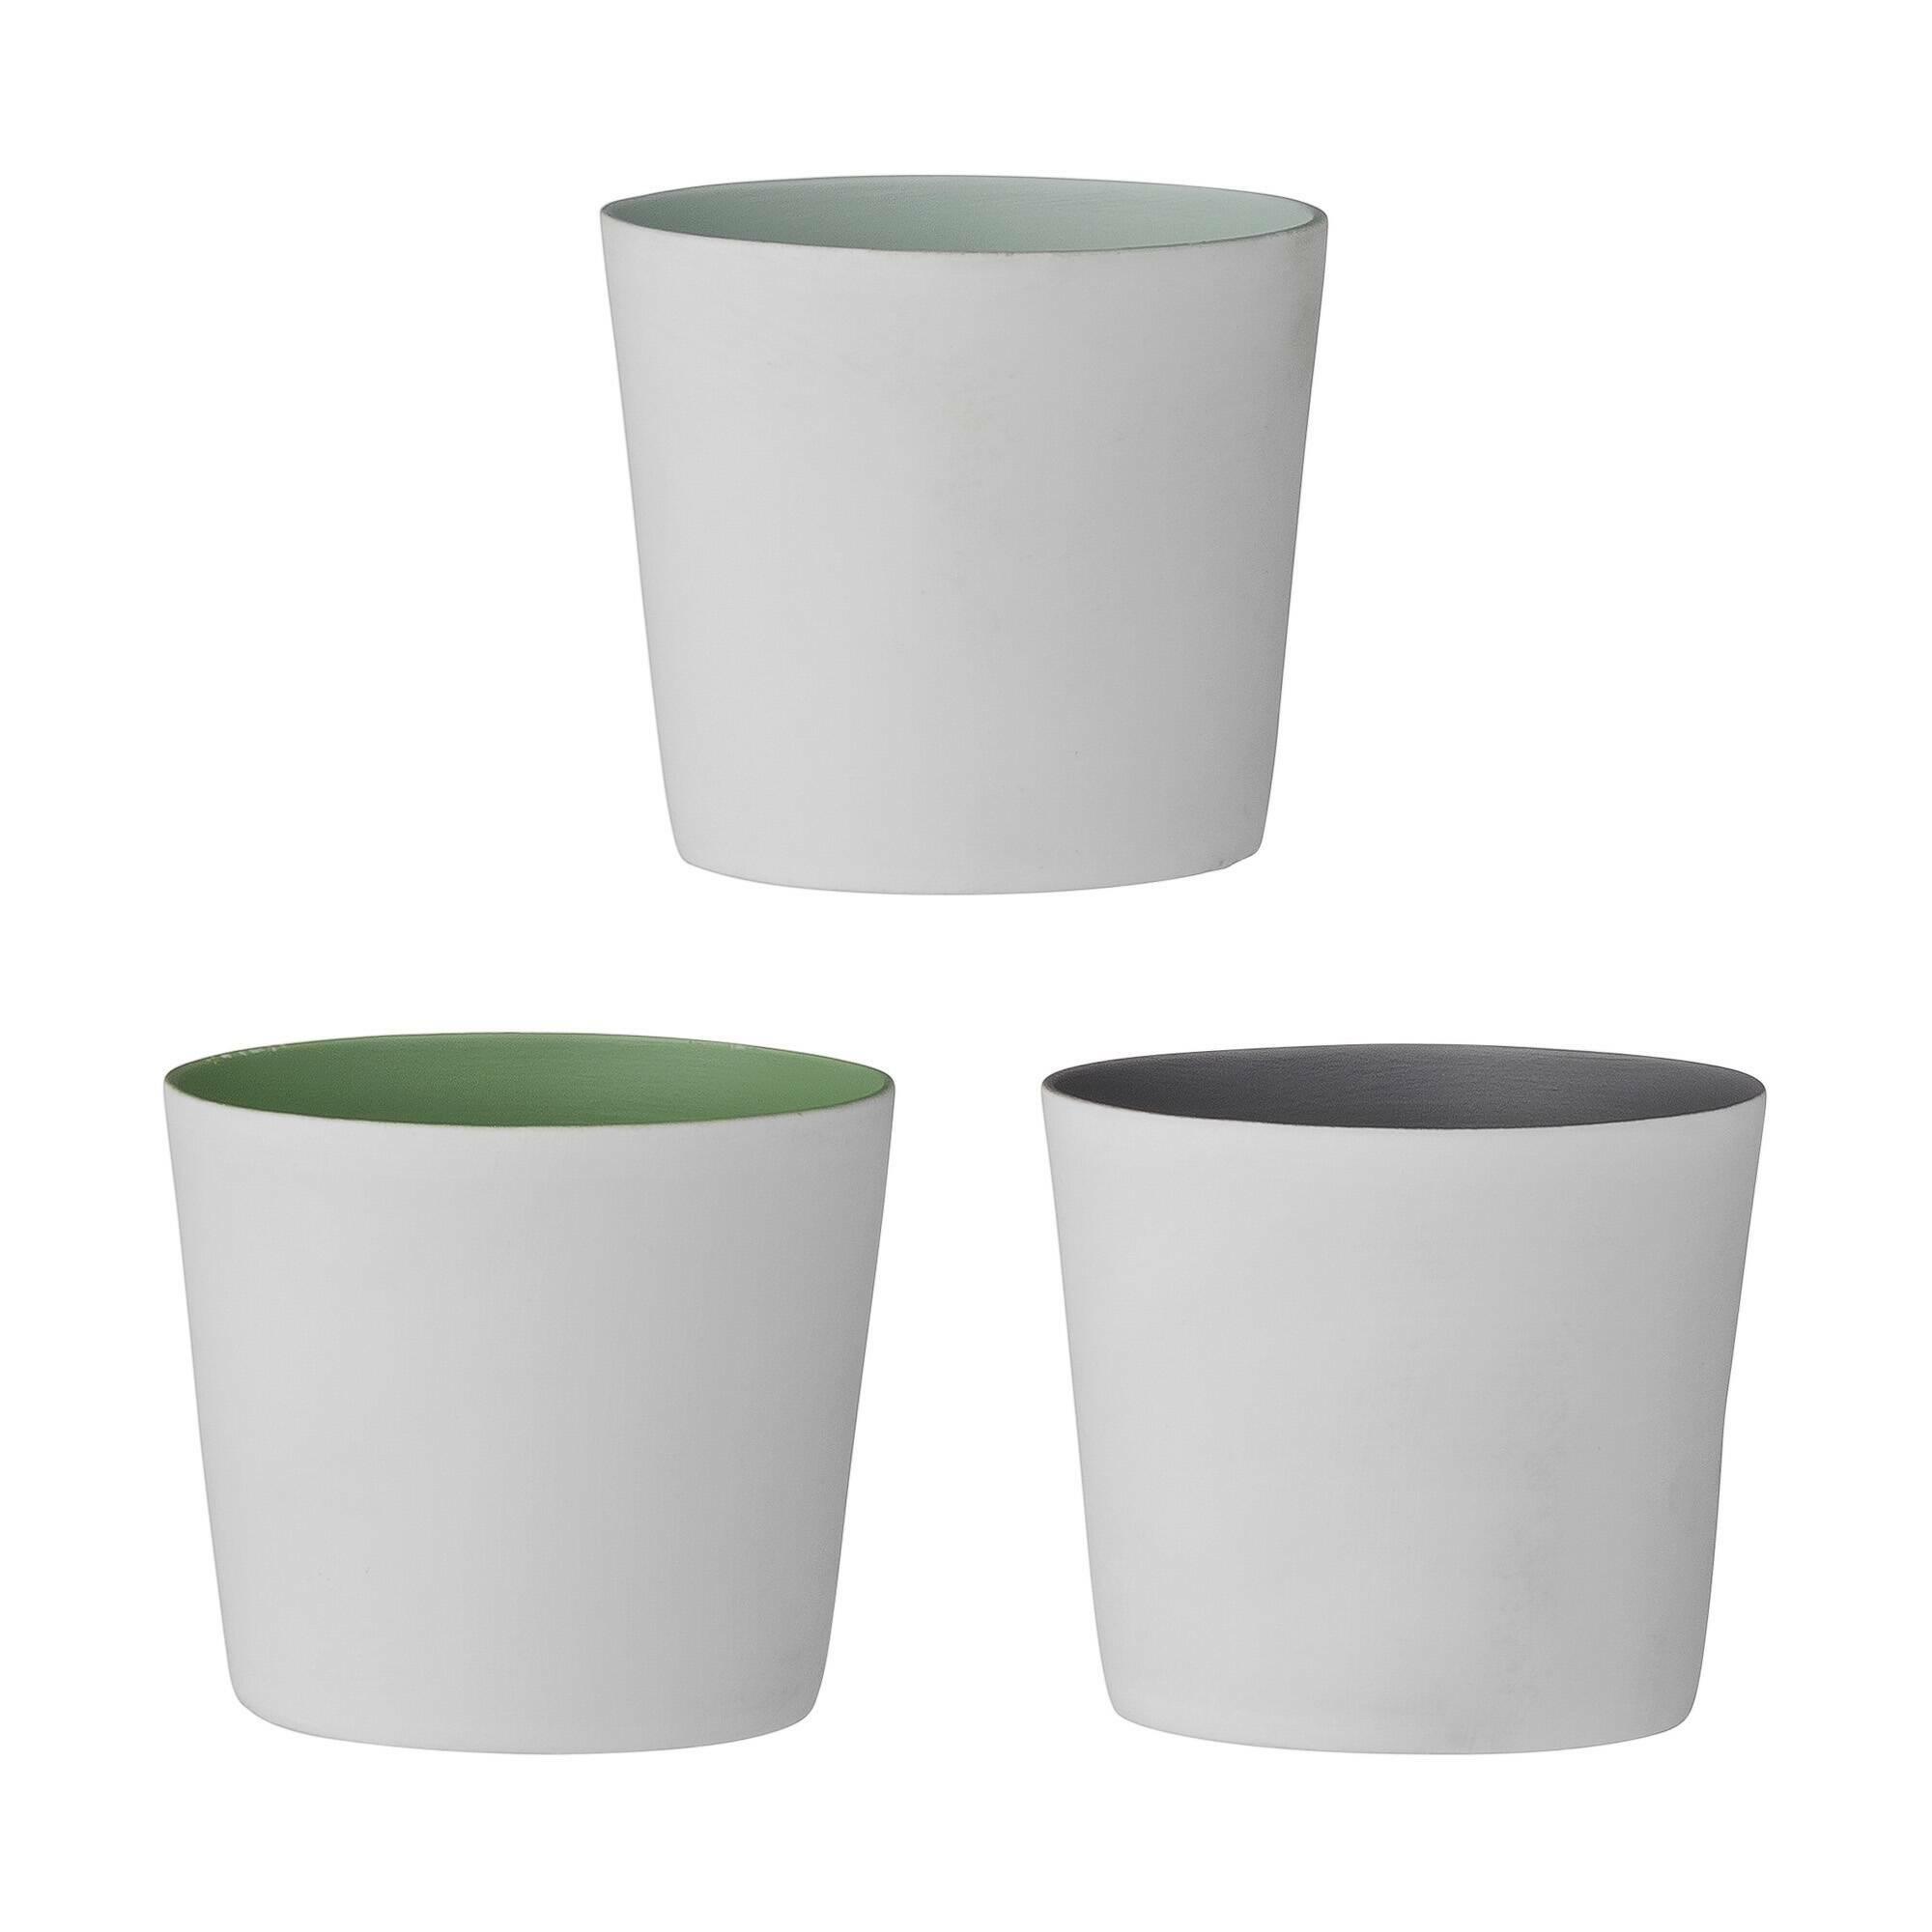 Набор из 3 подсвечниковПодсвечники и свечи<br><br><br>stock: 0<br>Высота: 5<br>Материал: Фарфор<br>Цвет: Белый<br>Диаметр: 5,5